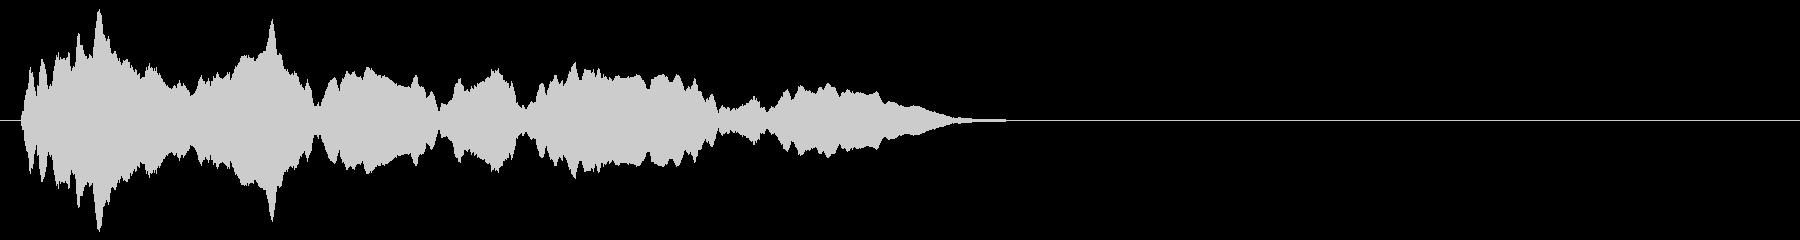 スライドホイッスル:ゆっくりと回転...の未再生の波形